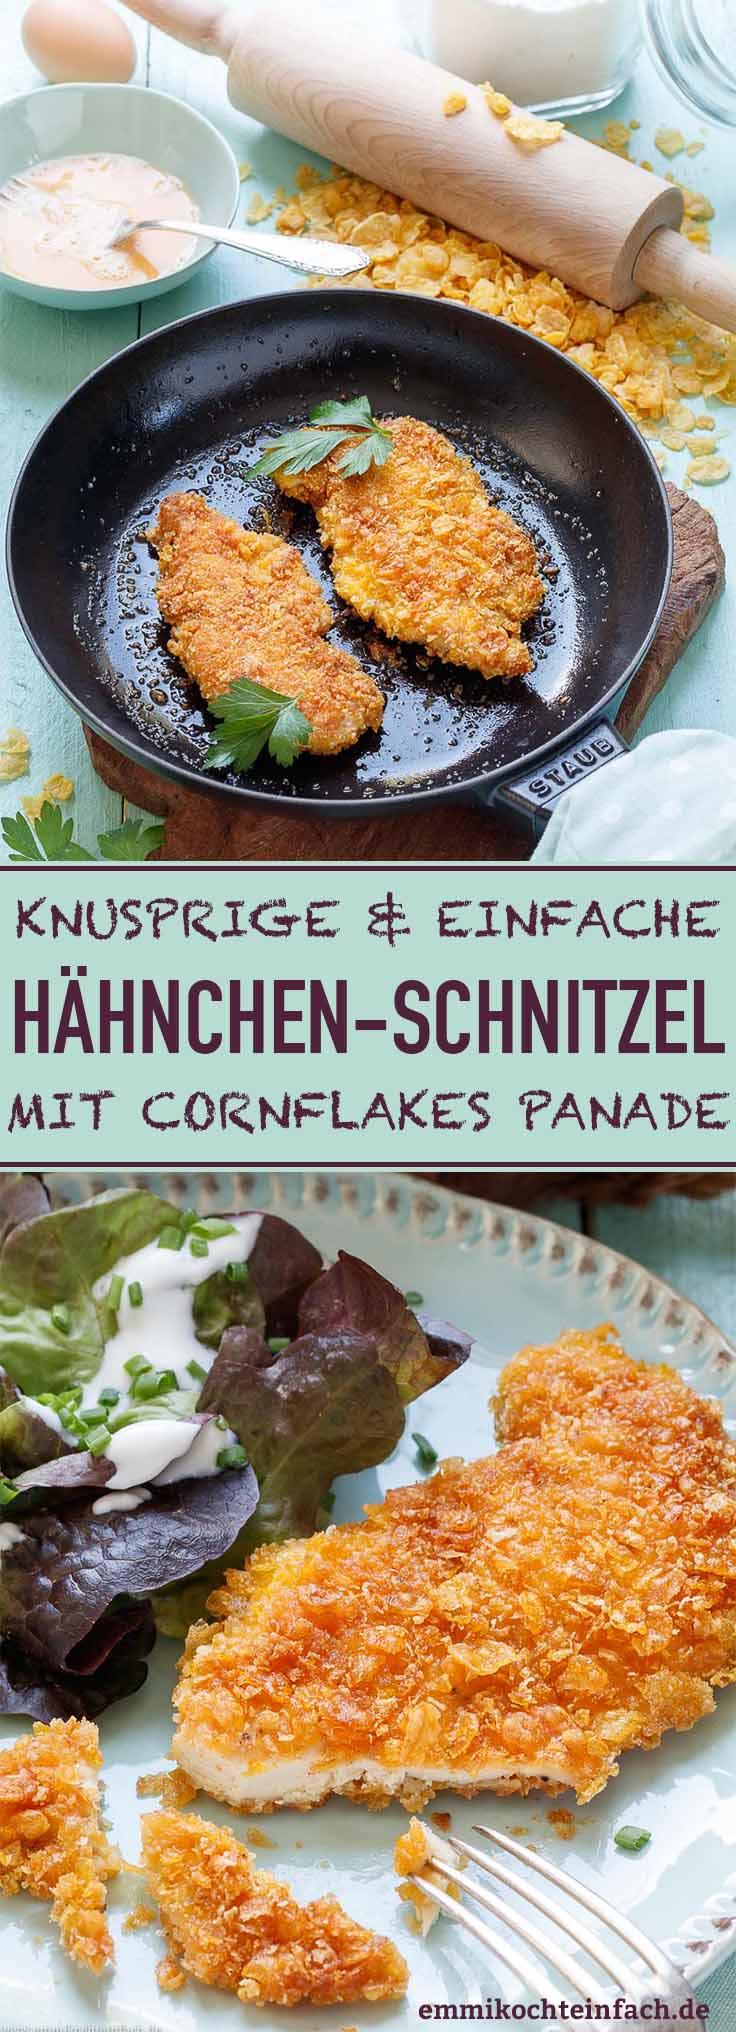 Knusprige Hähnchenschnitzel ganz einfach gemacht - www.emmikochteinfach.de